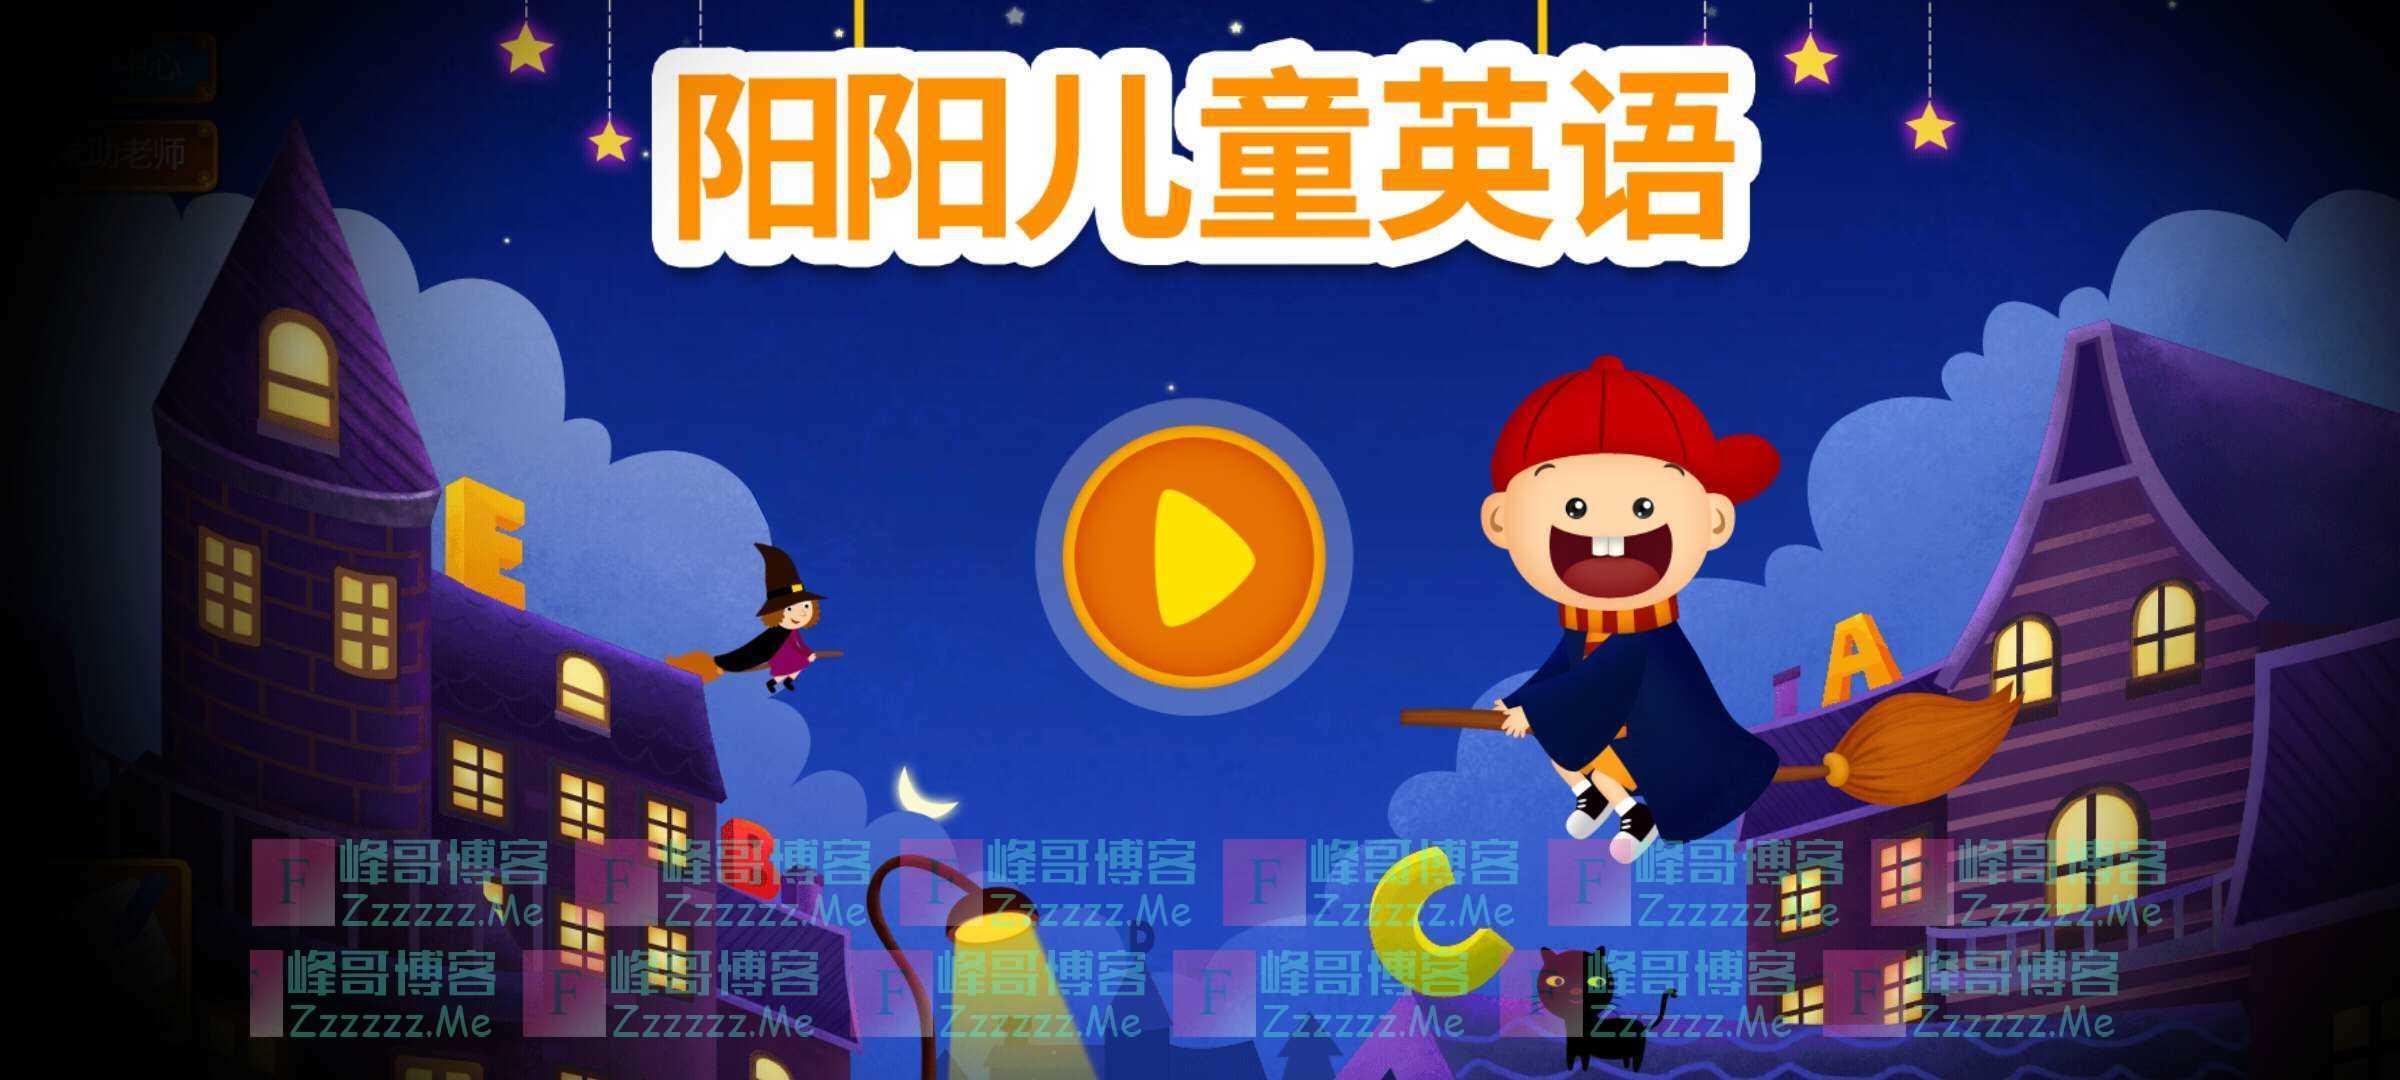 安卓阳阳儿童英语总动员V4.6.0.105 最新阳阳儿童英语总动员内购破解版下载